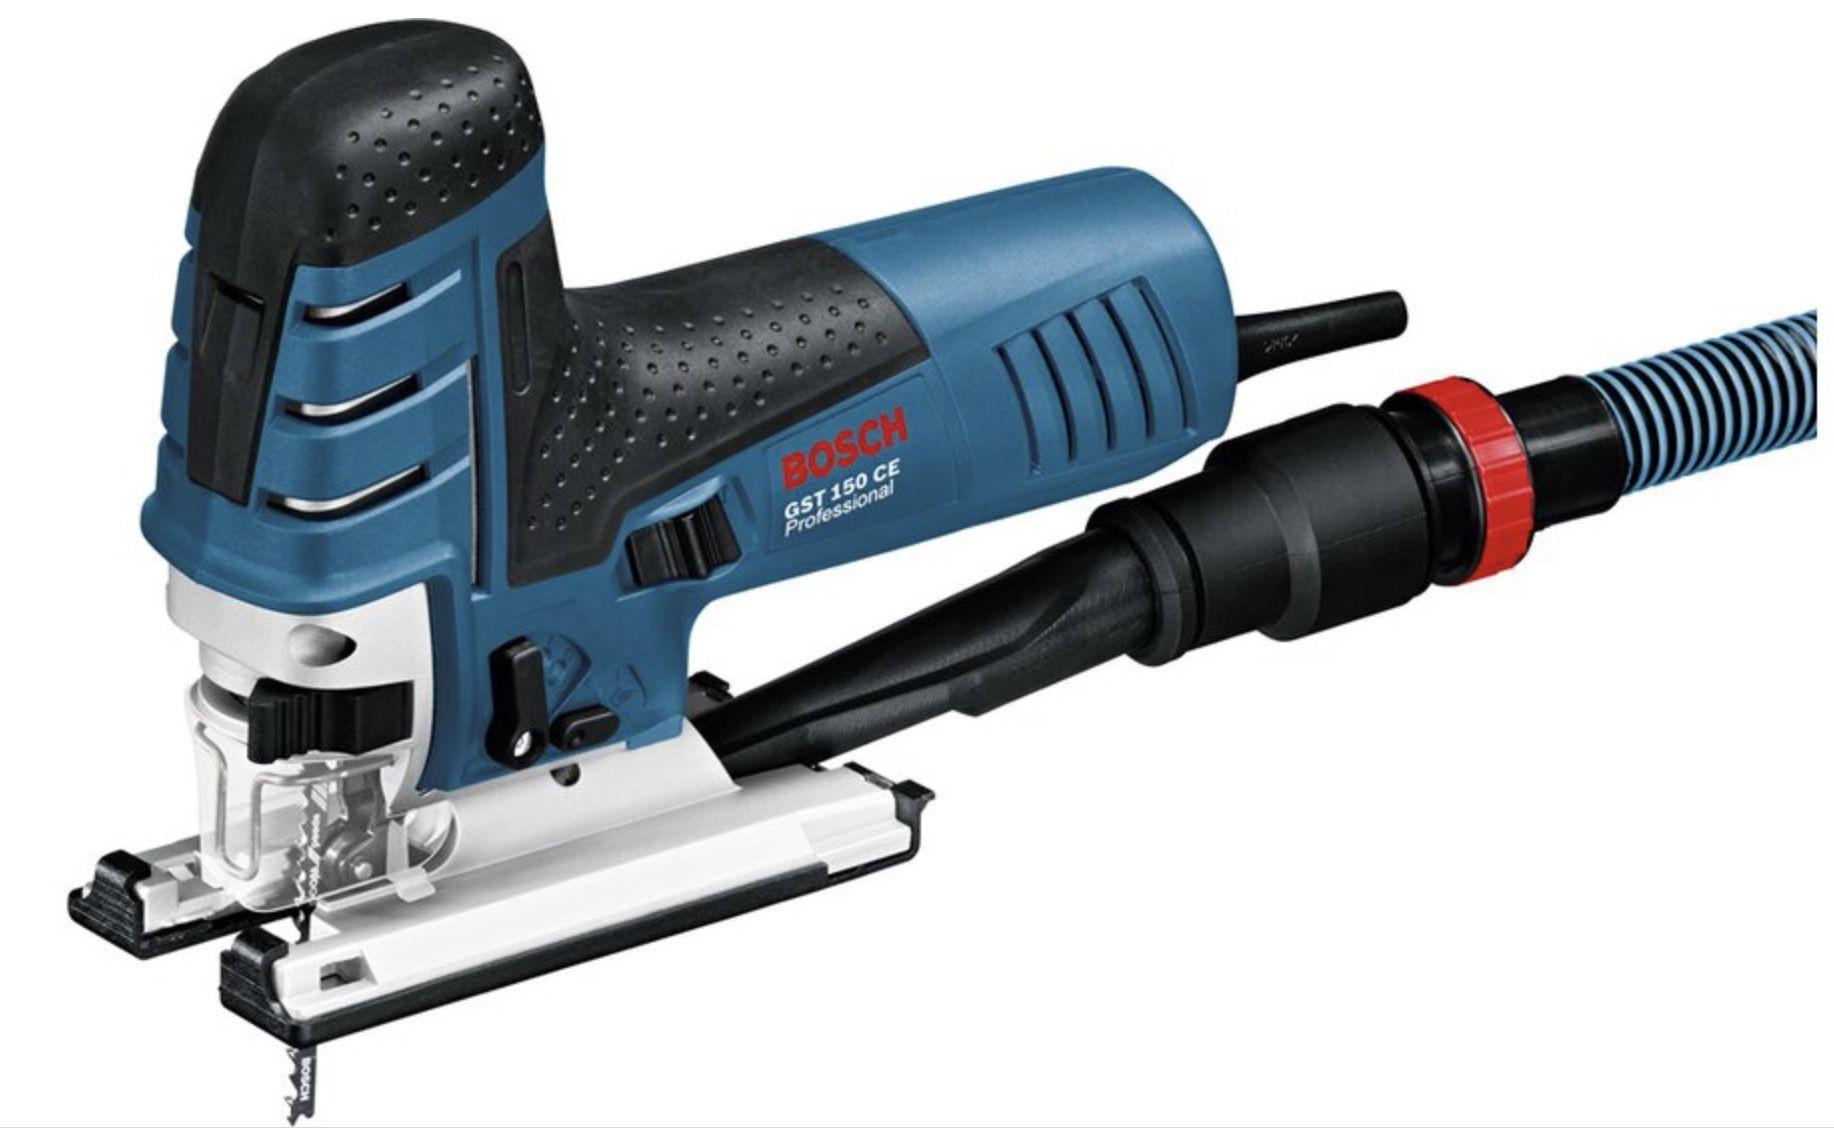 Bosch Professional Stichsäge GST 150 CE inkl. Koffer + Zubehör für 125,54€ (statt 145€)